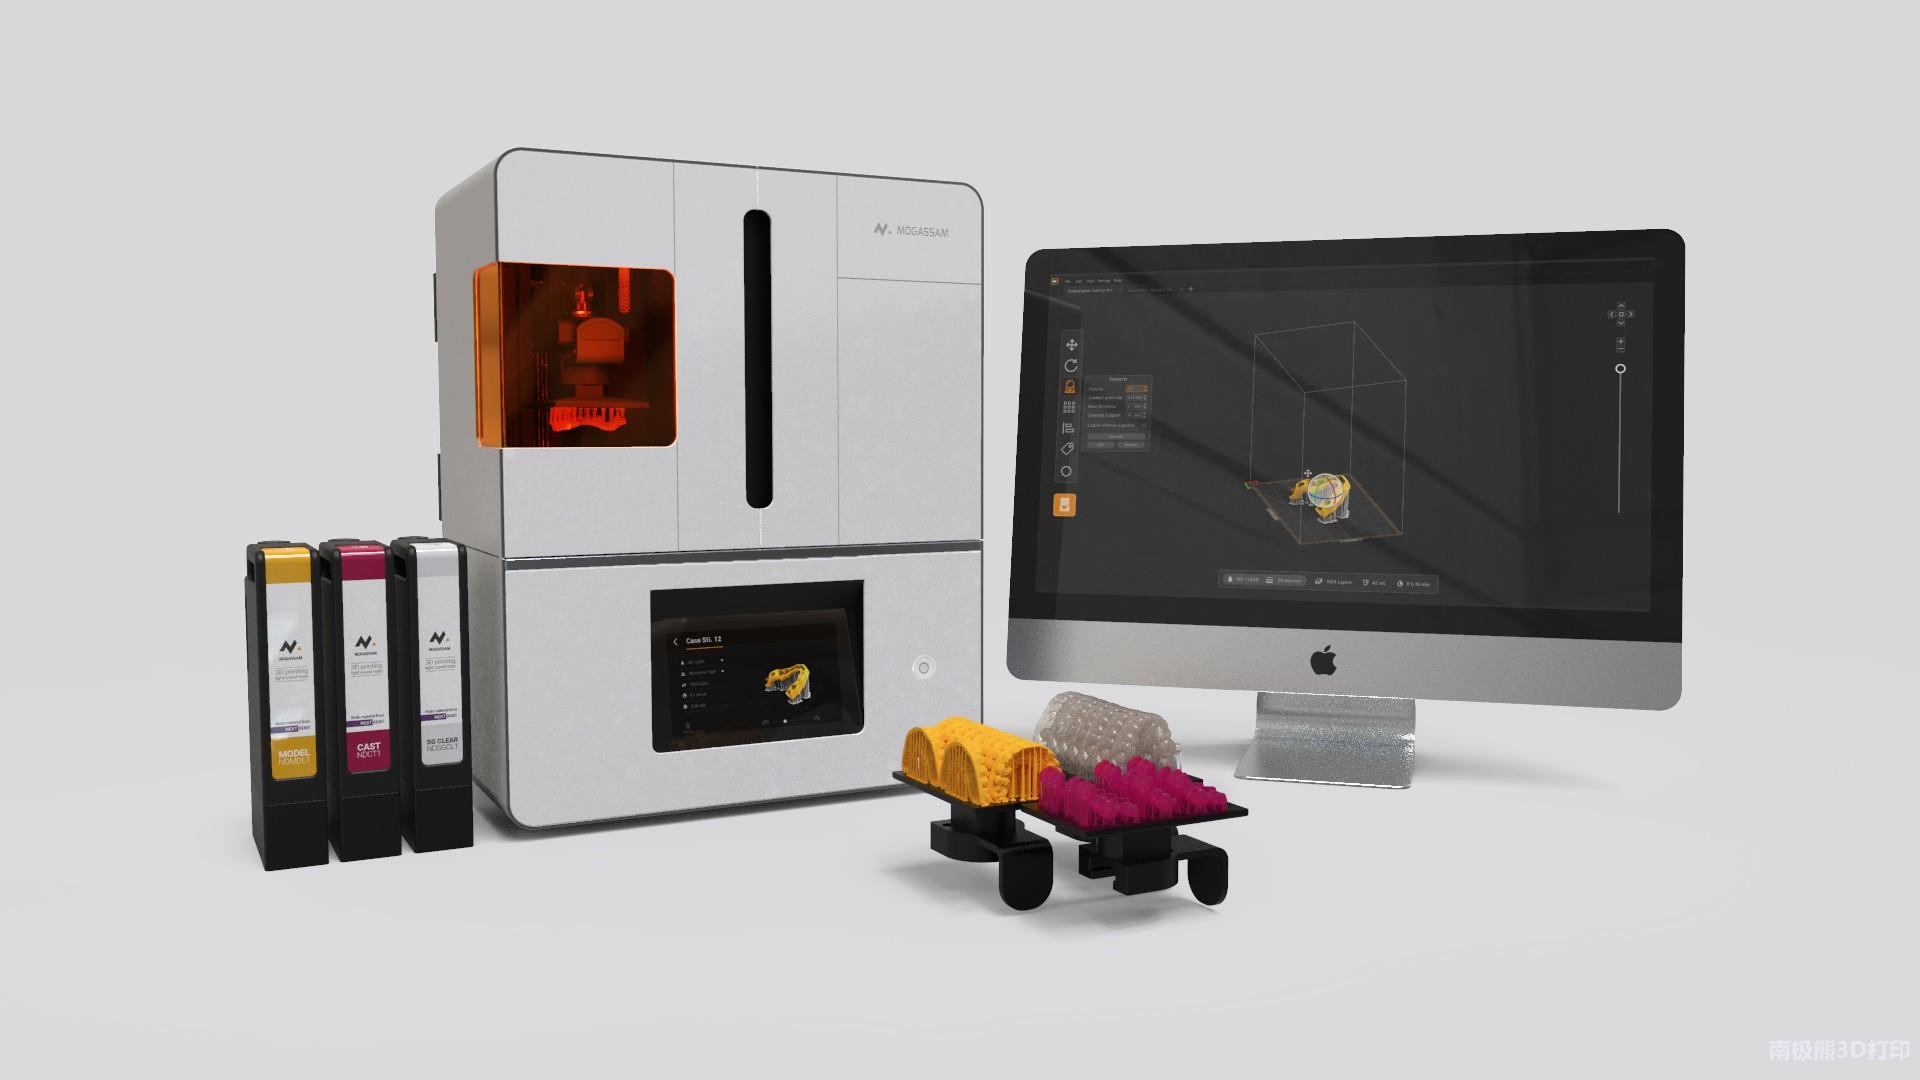 埃及3D打印公司Mogassam发布牙科专用DLP 3D打印机